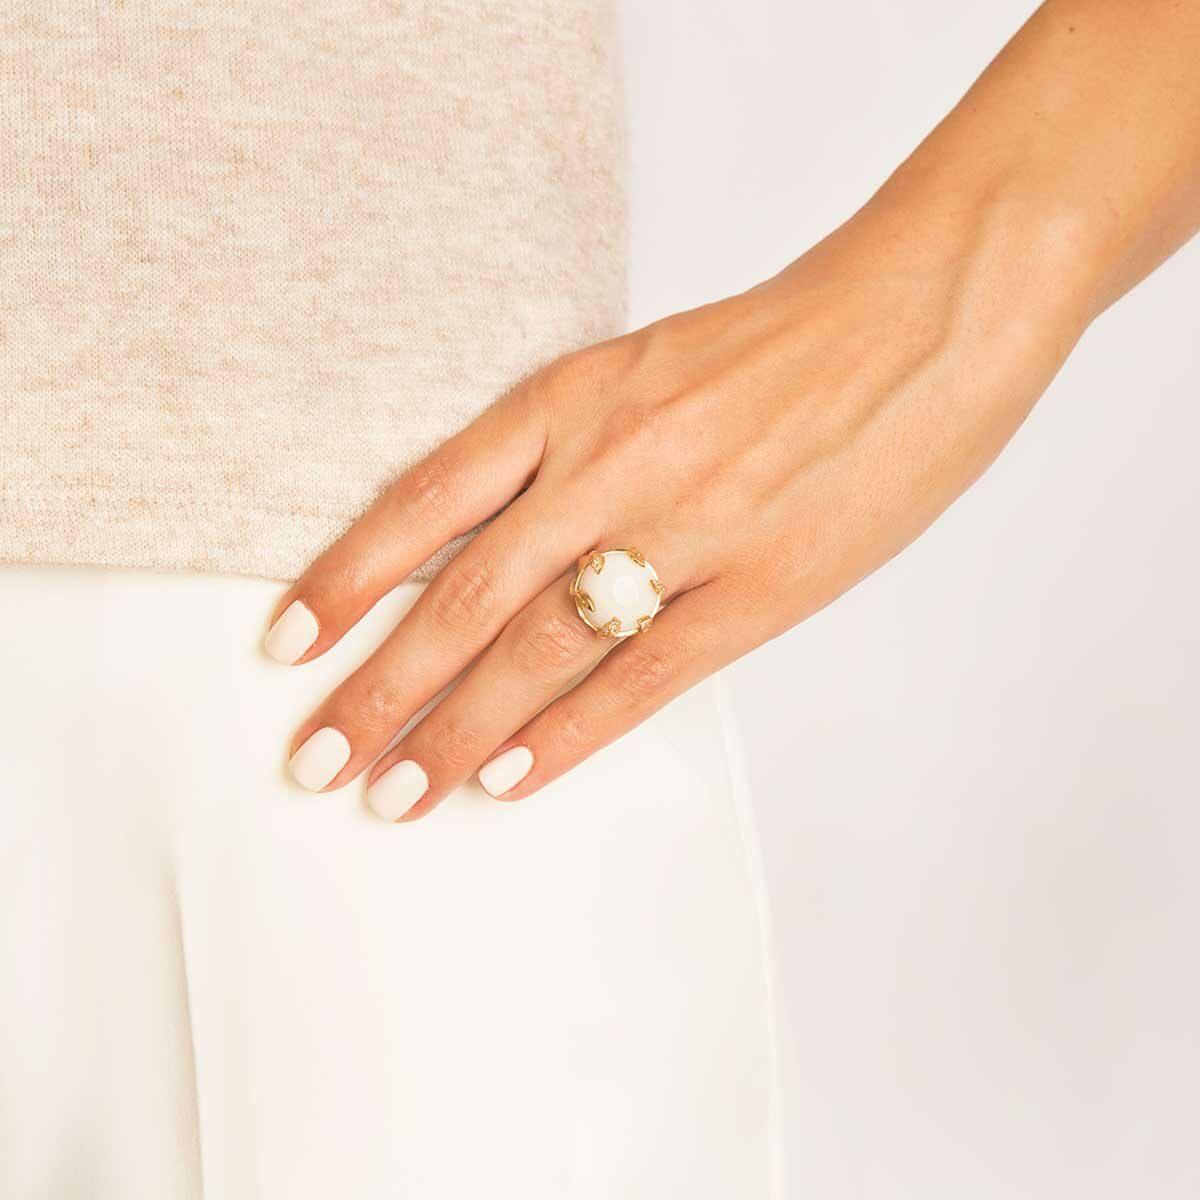 انگشتر طلا moon stone پرسته